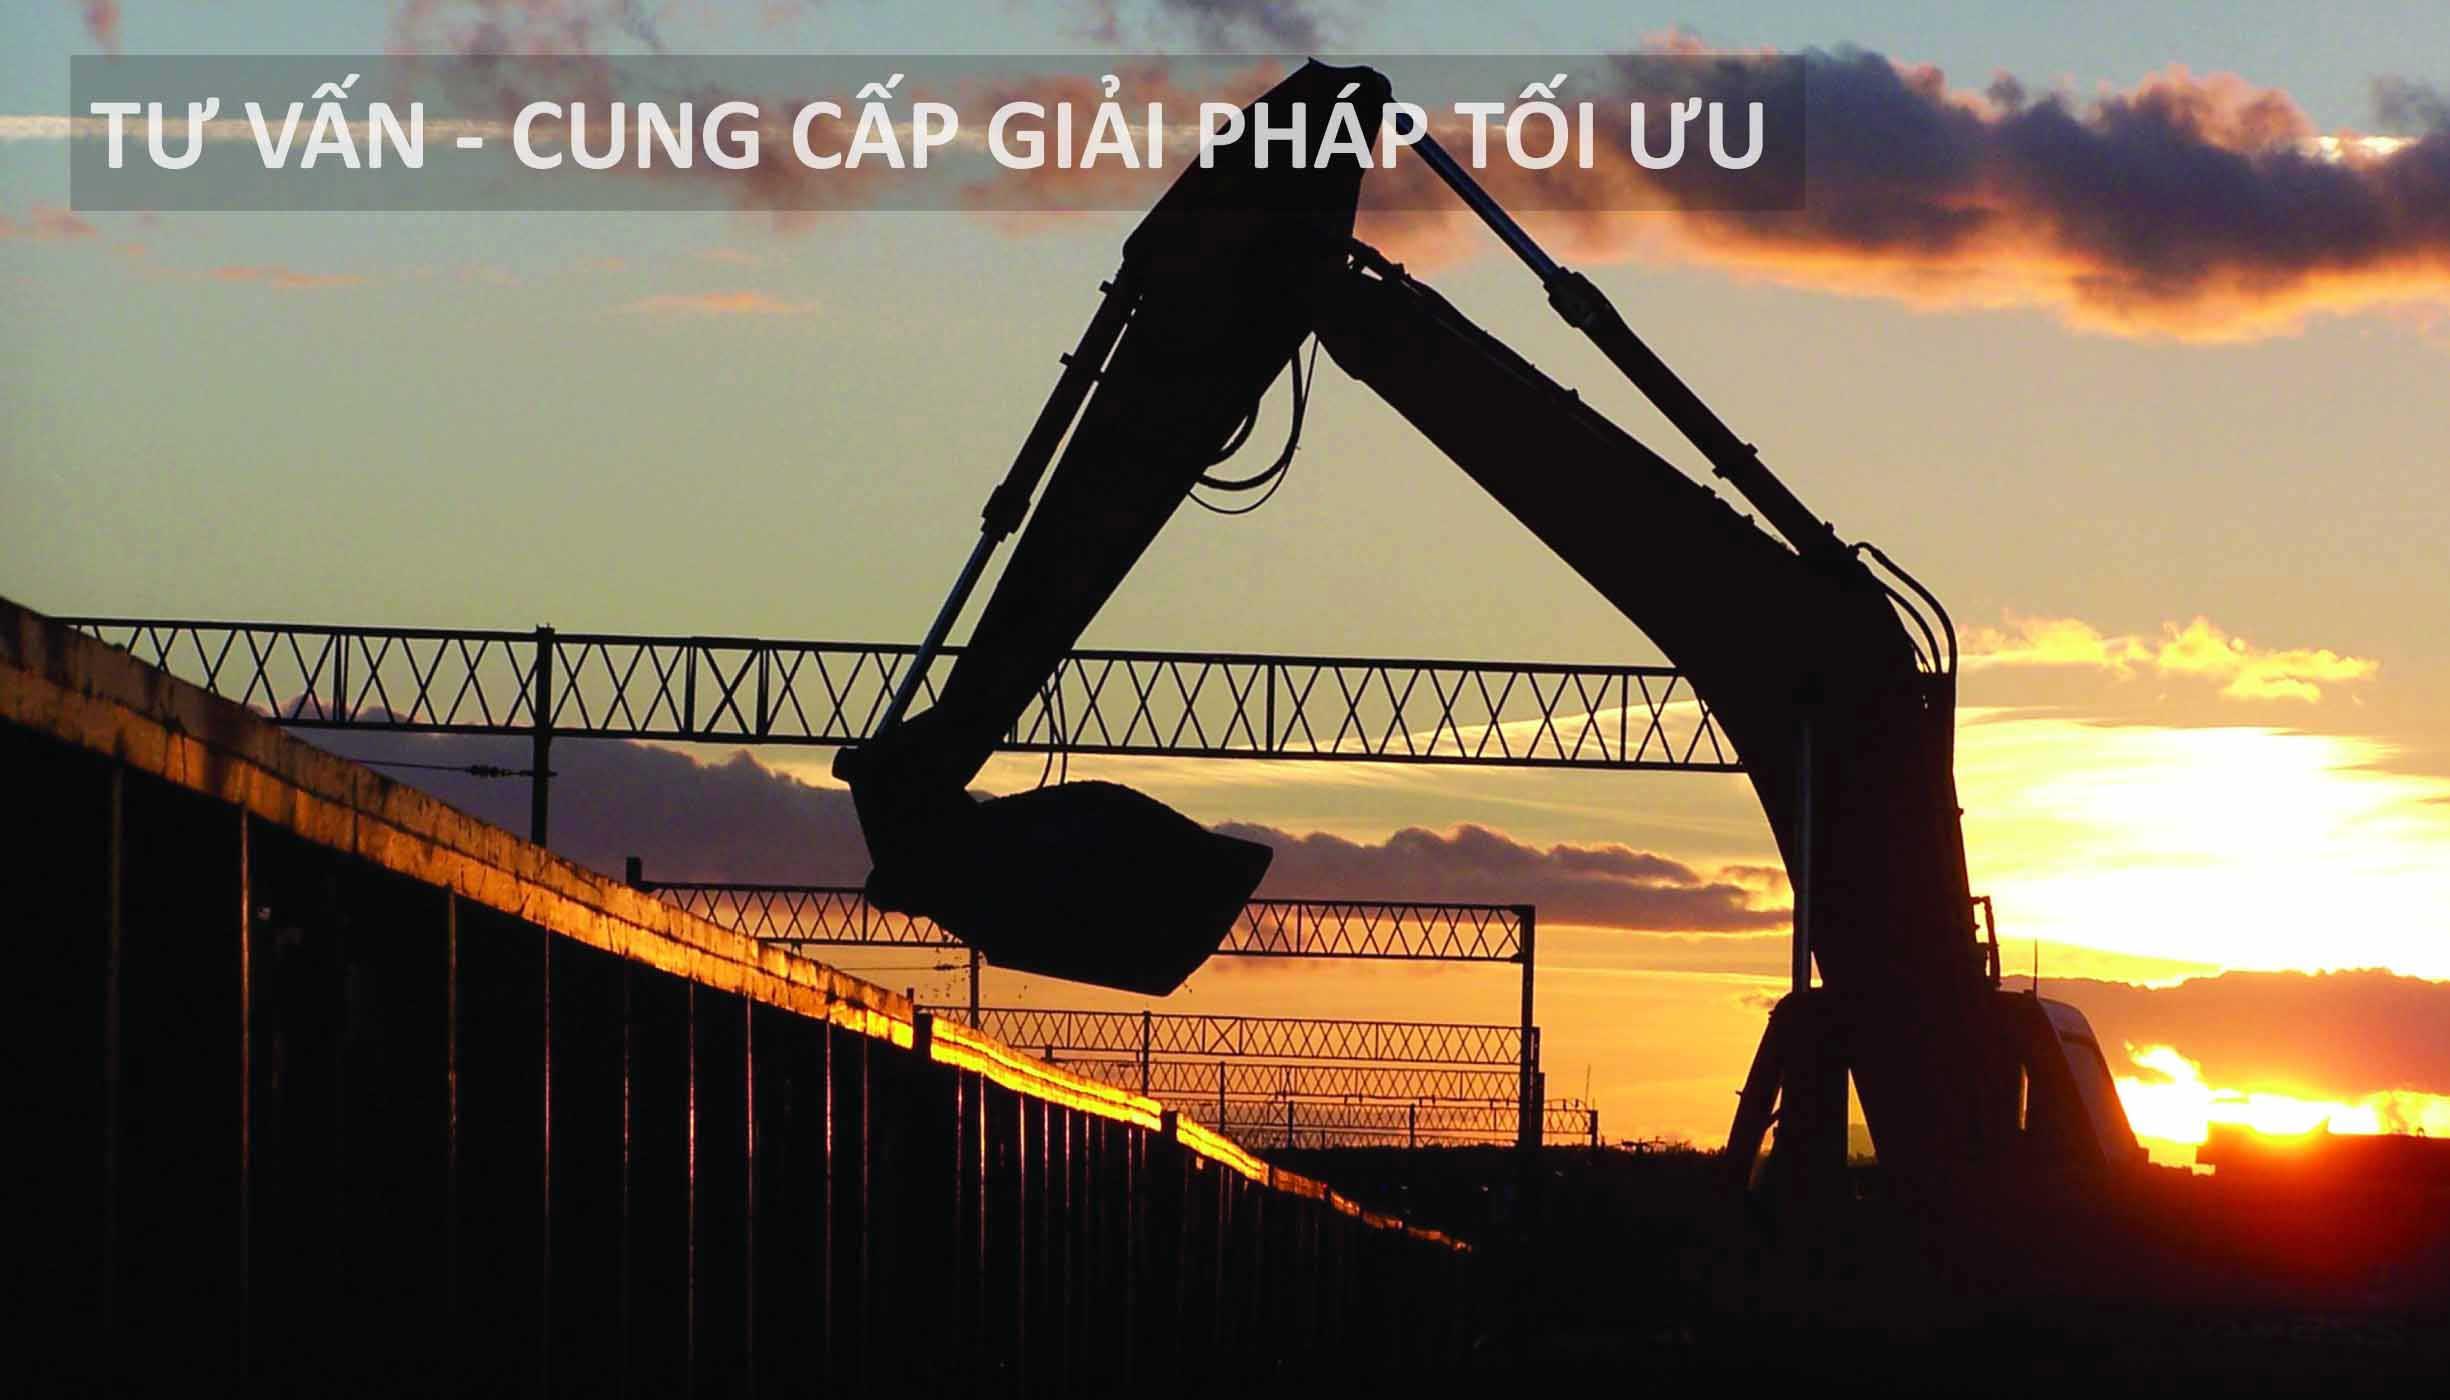 dầu nhớt gb oil tư vấn cung cấp giải pháp tối ưu